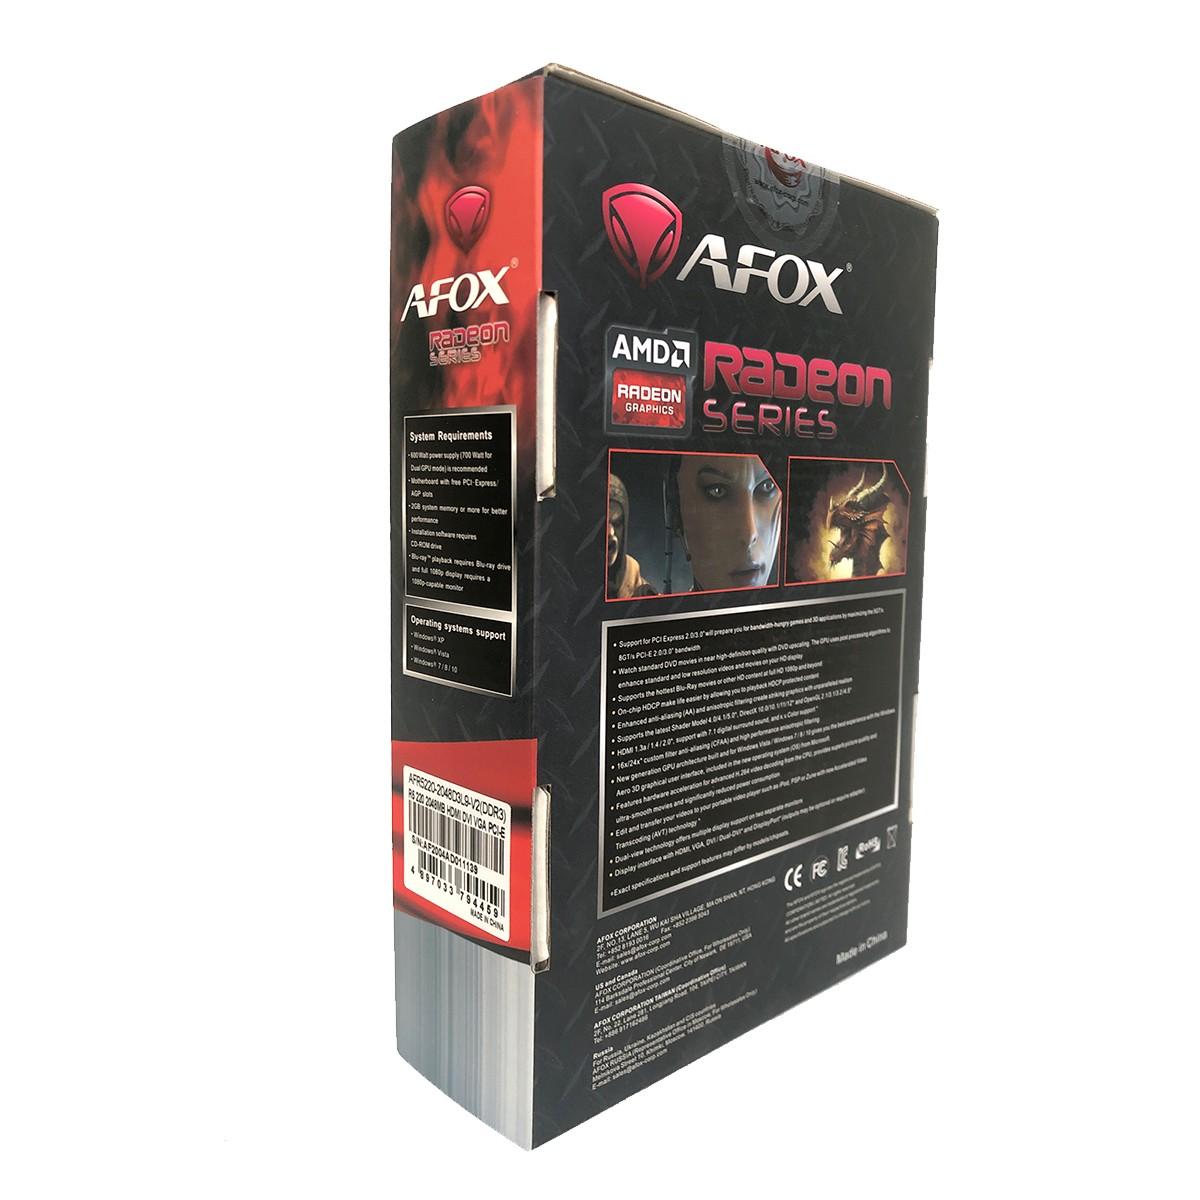 Placa de Vídeo AFOX Radeon R5 220 2GB DDR3 64 Bits LP HDMI / DVI / VGA - AFR5220-2048D3L9-V2